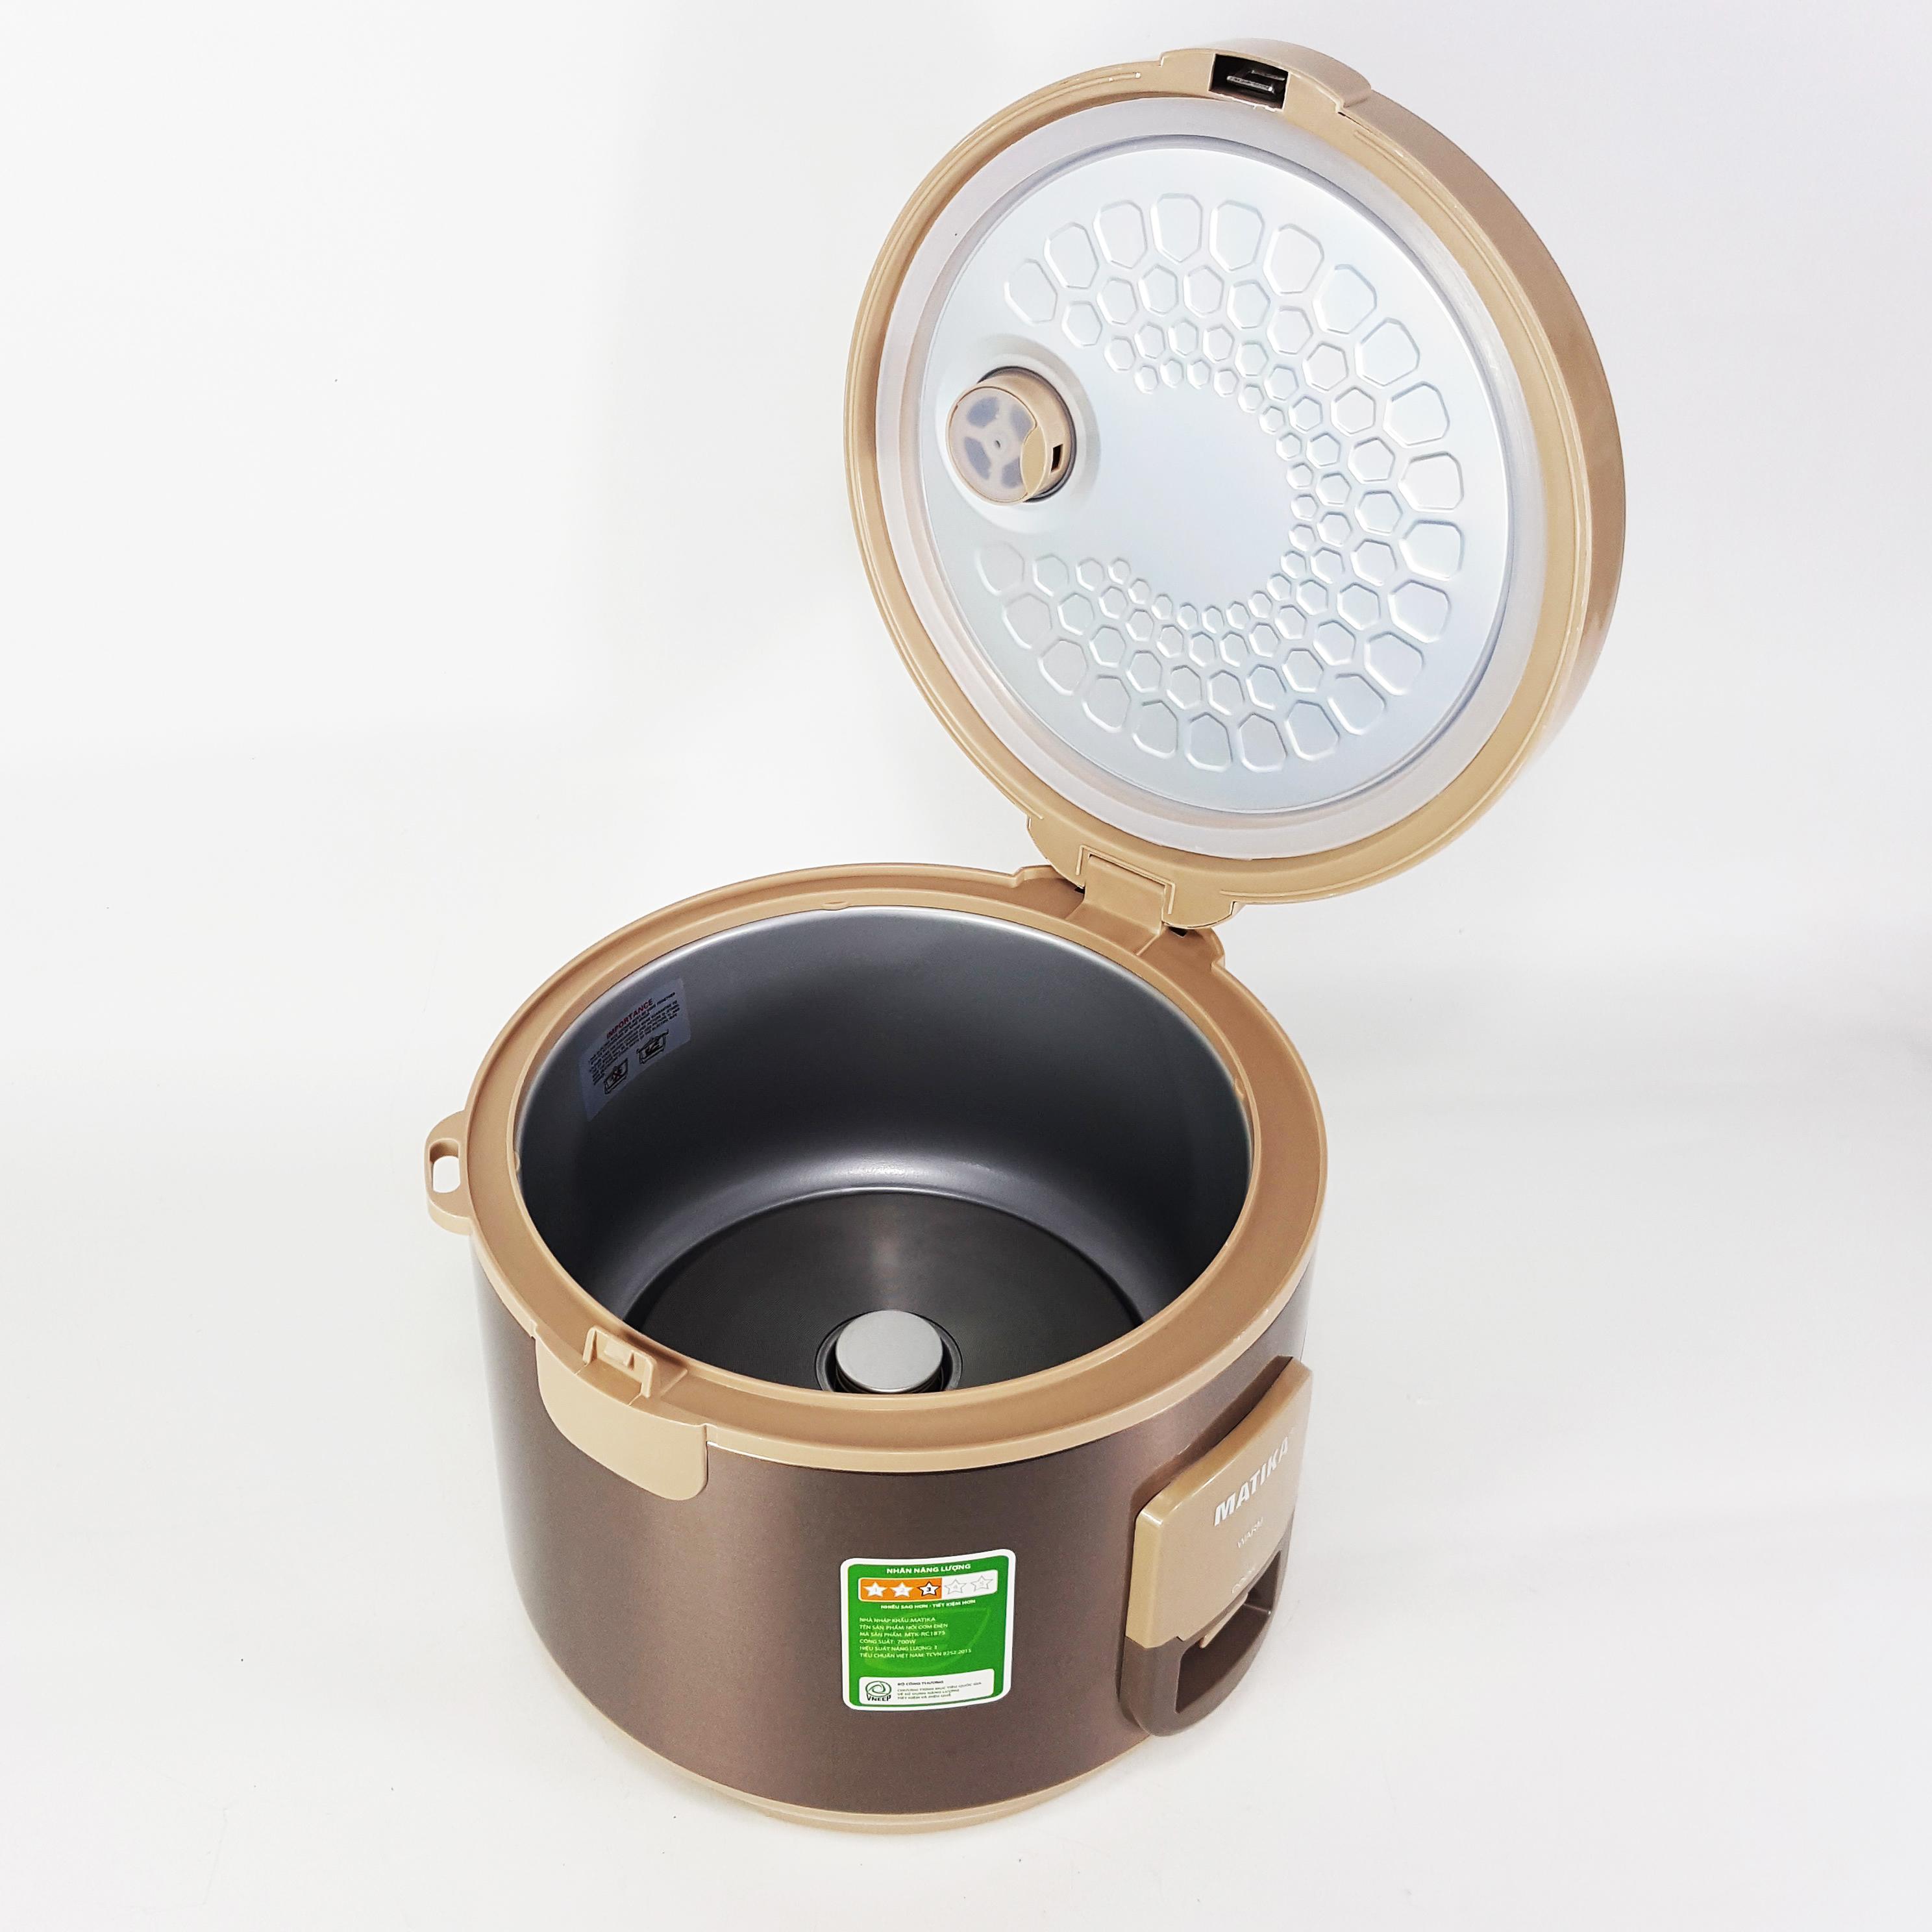 Nồi cơm điện Matika MTK-RC1875 (1,8 lít) chất liệu cao cấp cho cơm ngon tròn vị (Hàng chính hãng)